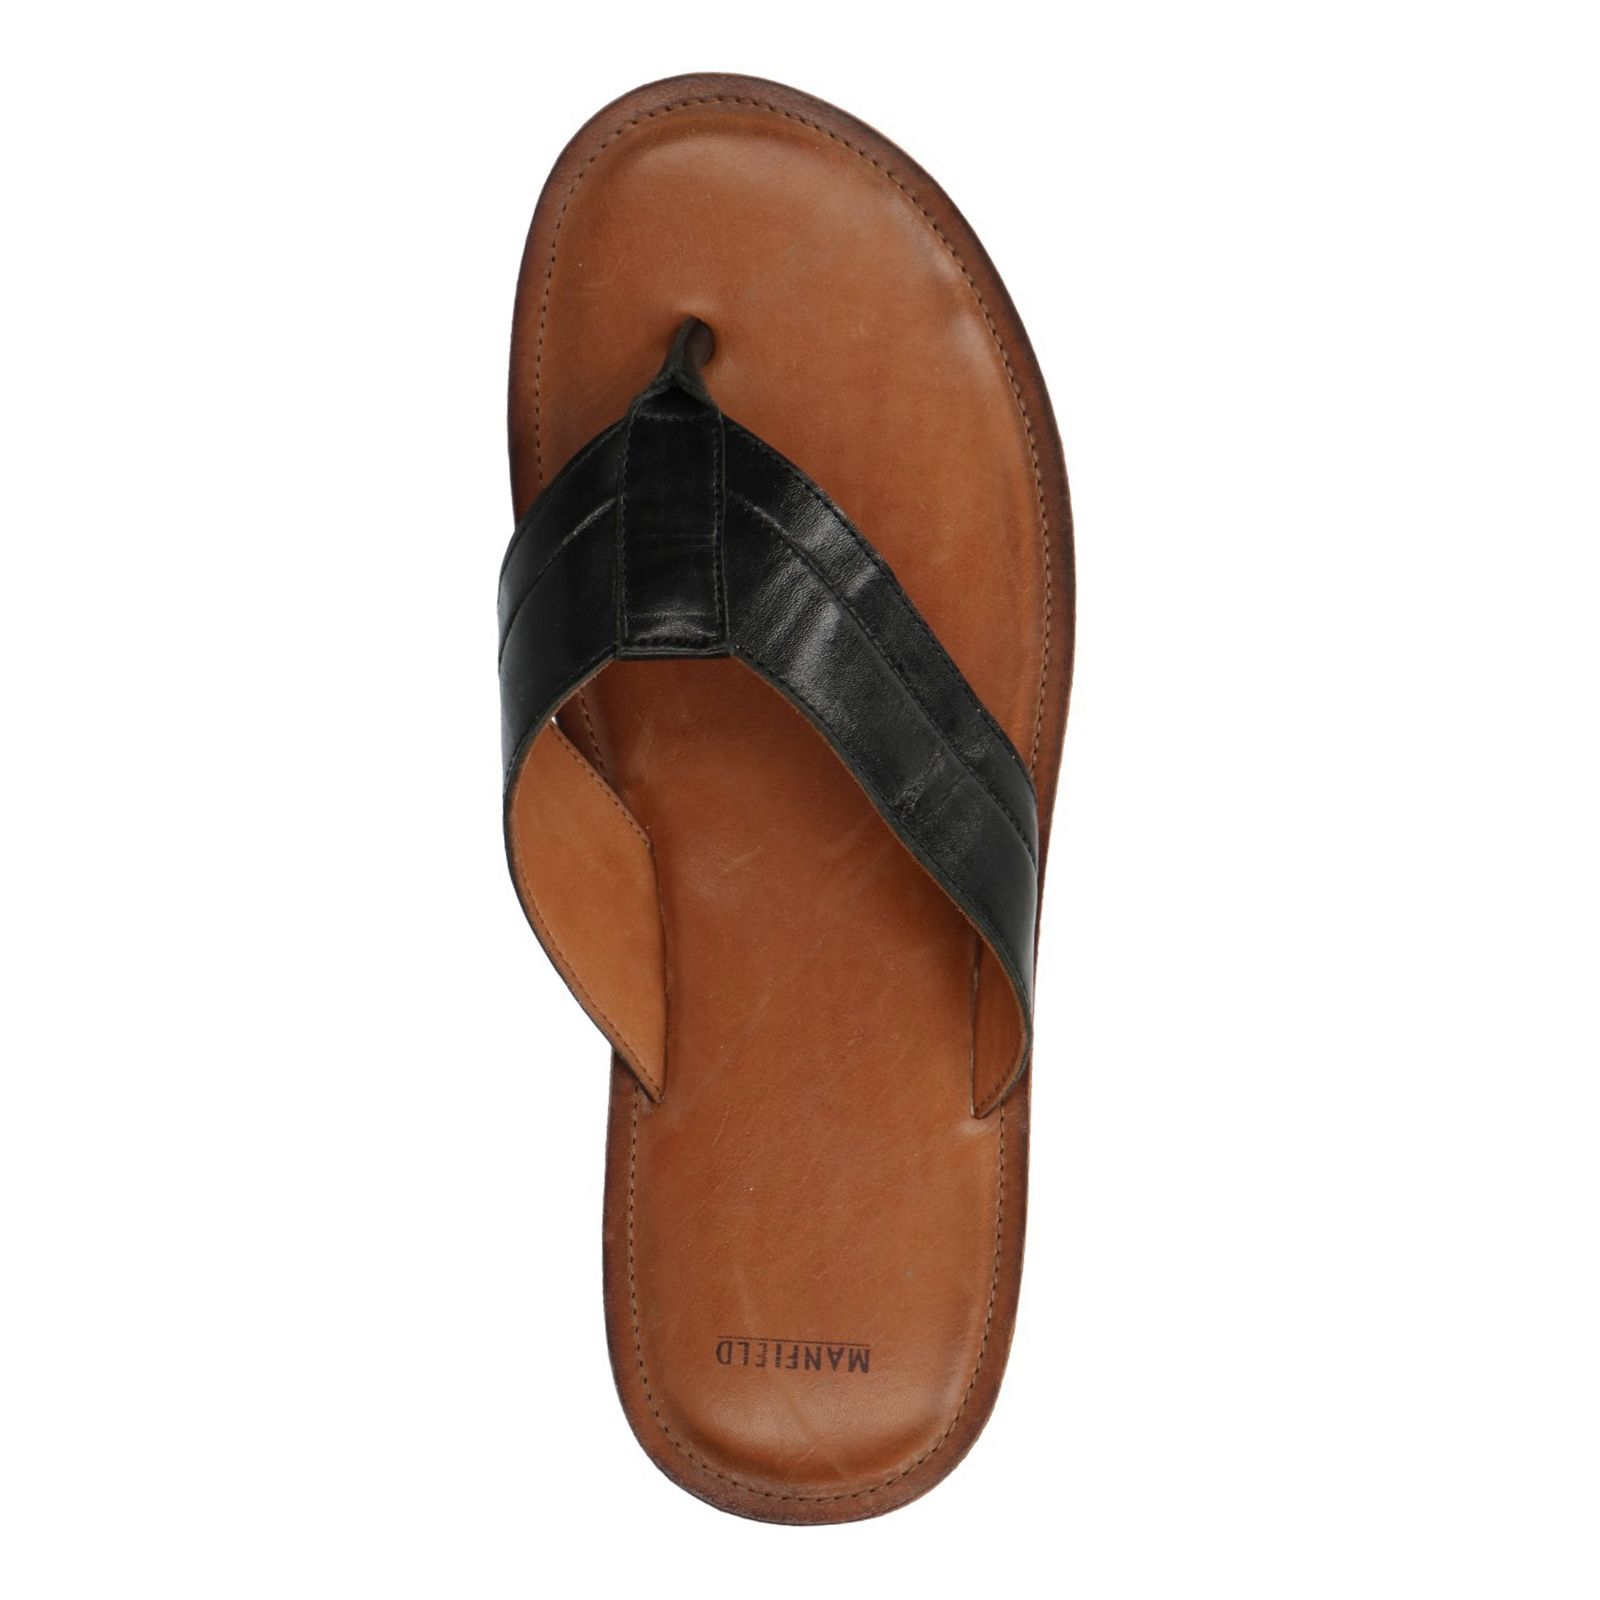 Slippers Manfield Slippers Slippers Heren Heren Manfield Manfield Slippers Manfield Heren Heren Manfield Slippers Heren kZiTwOPXu